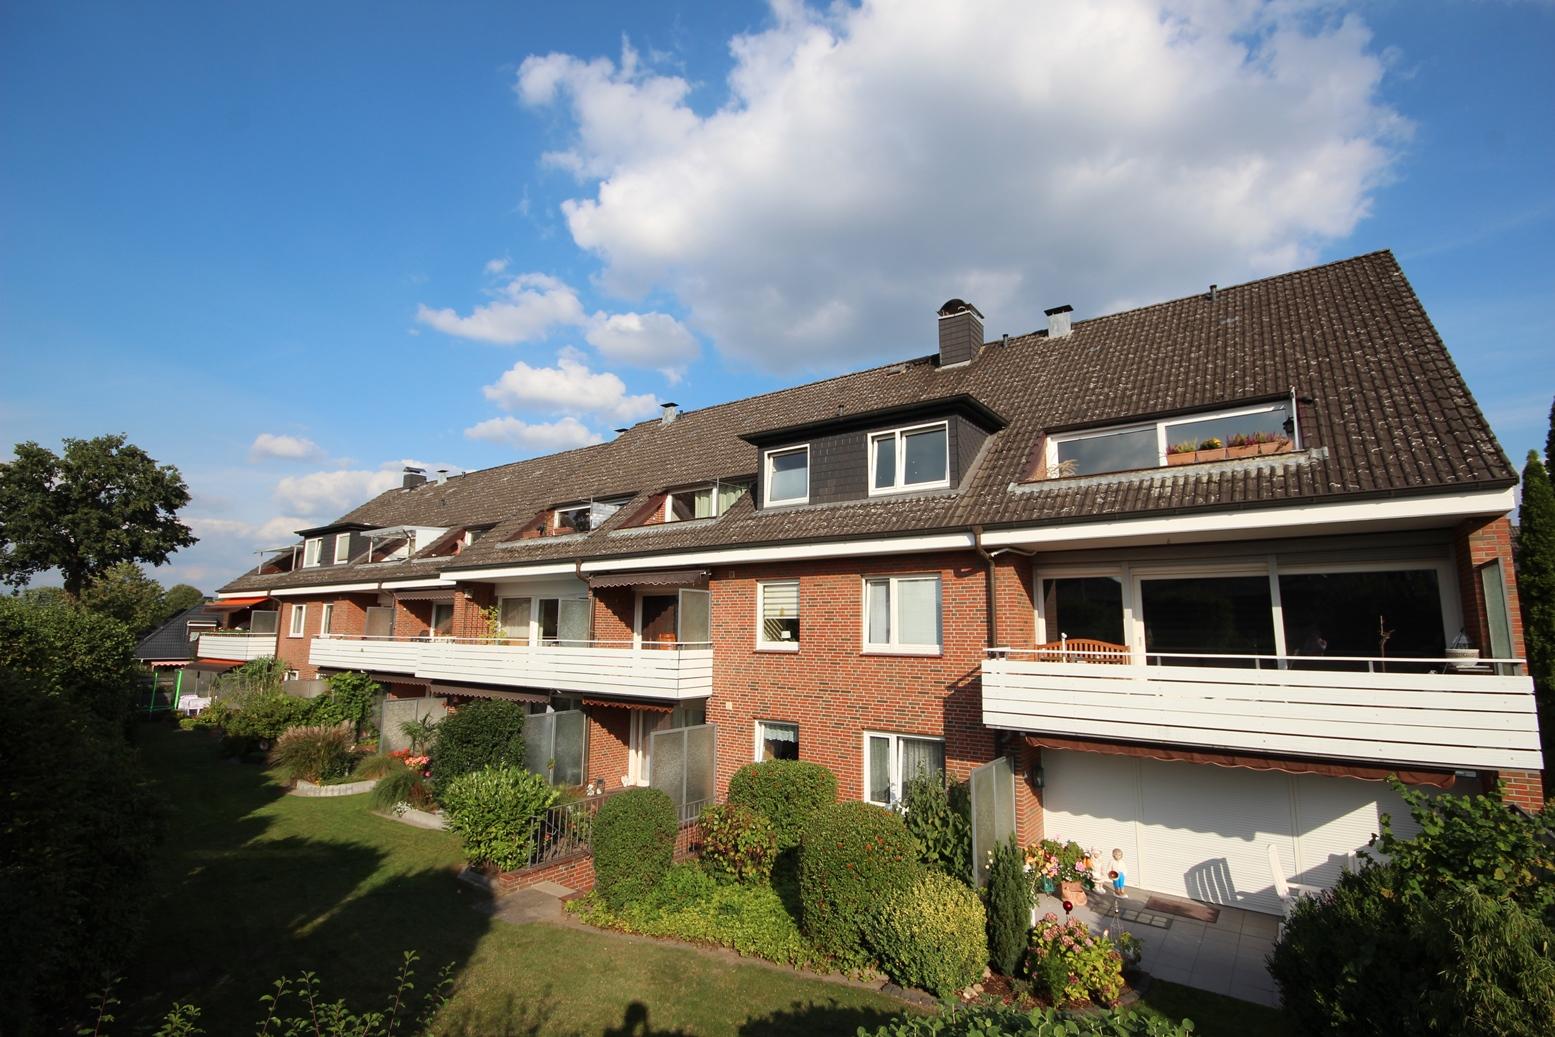 Schenefeld-Dorf: Gemütliche & gepflegte 2 ½ Zimmer – Dachgeschoss – ETW im Dorfkern